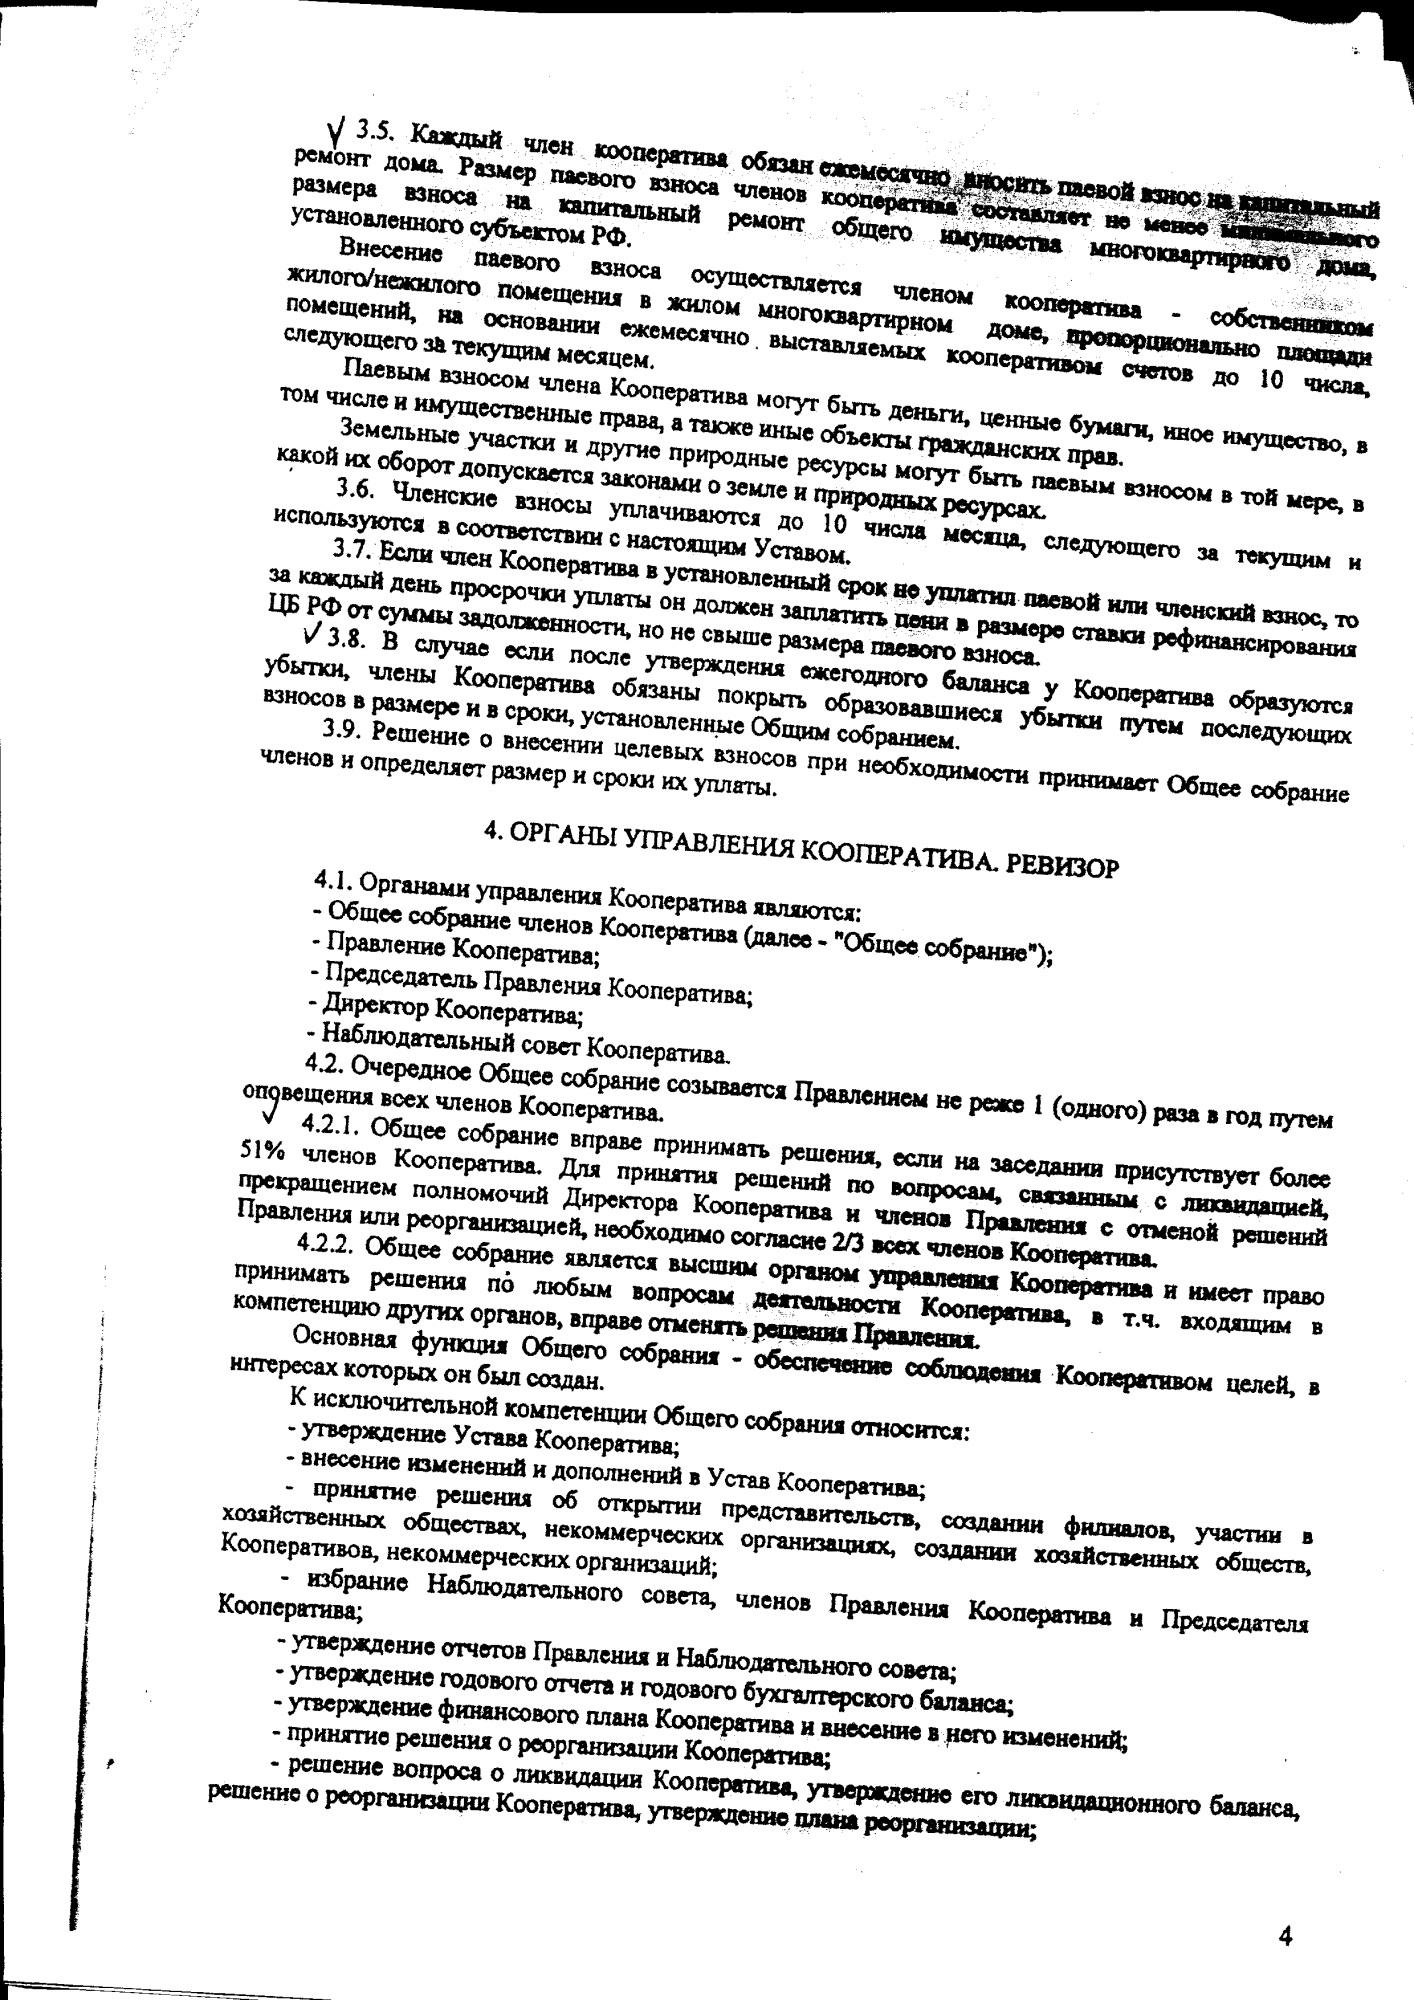 В праве ли член кооператива обжаловать решение призывной комиссии